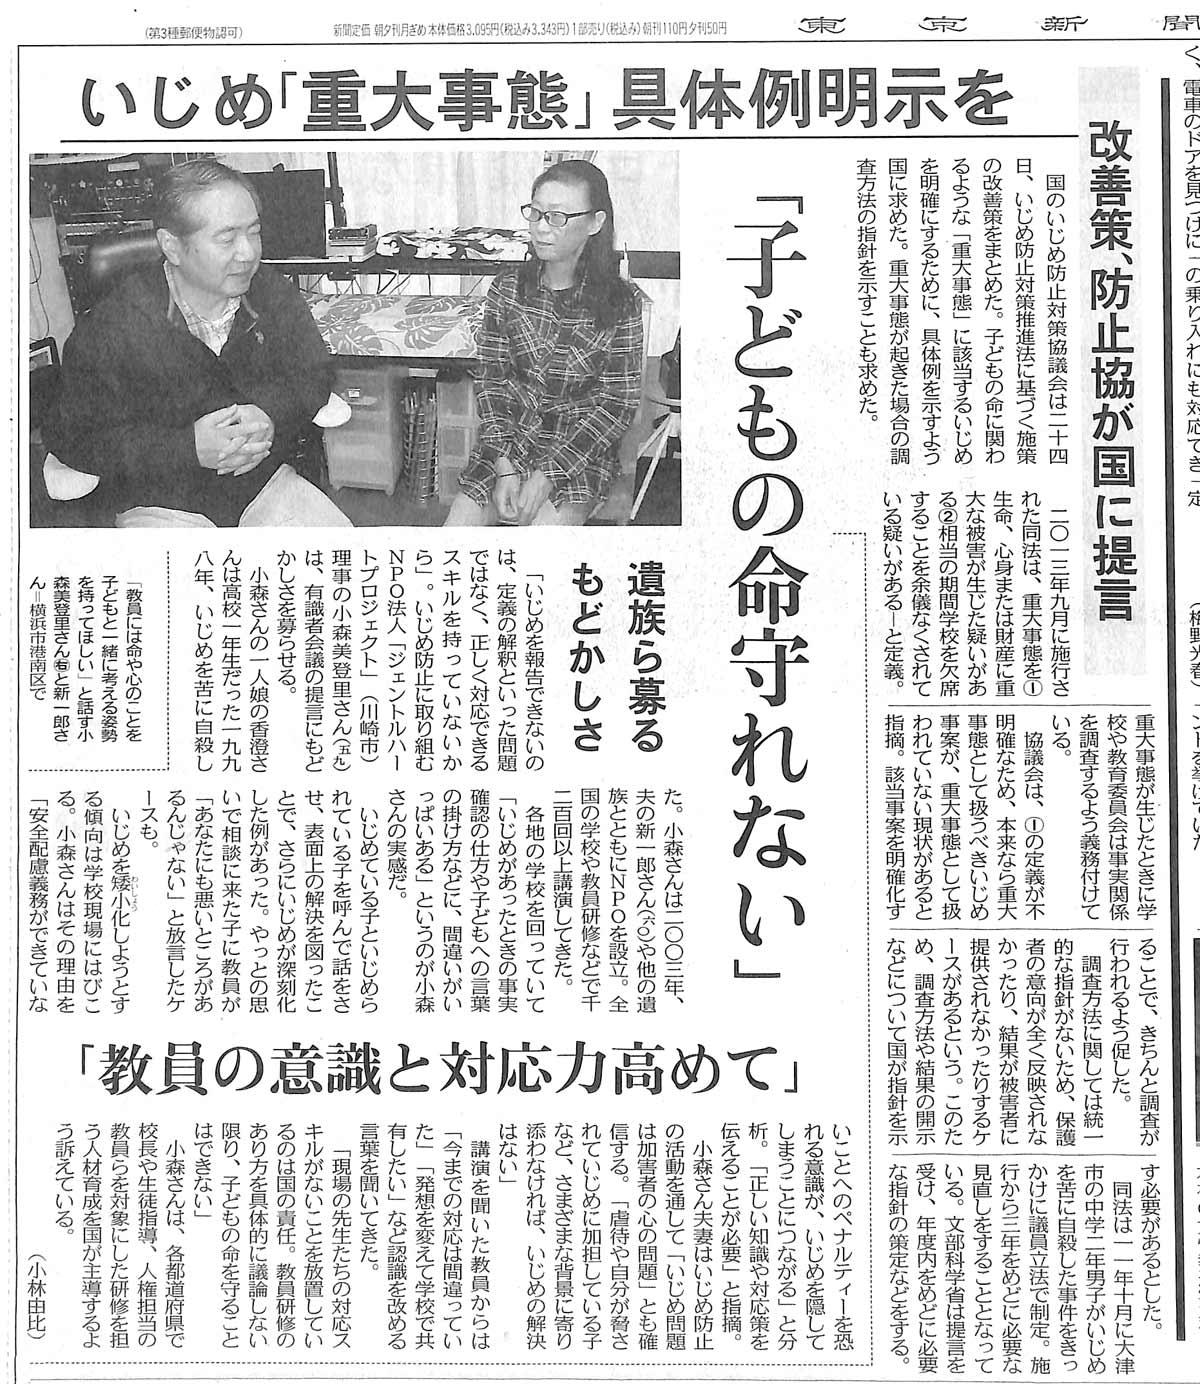 小森美登里:東京新聞、2016年10月25日「いじめ『重大事態』具体例明示を 改善策、防止協が国に提言」掲載ページ追加